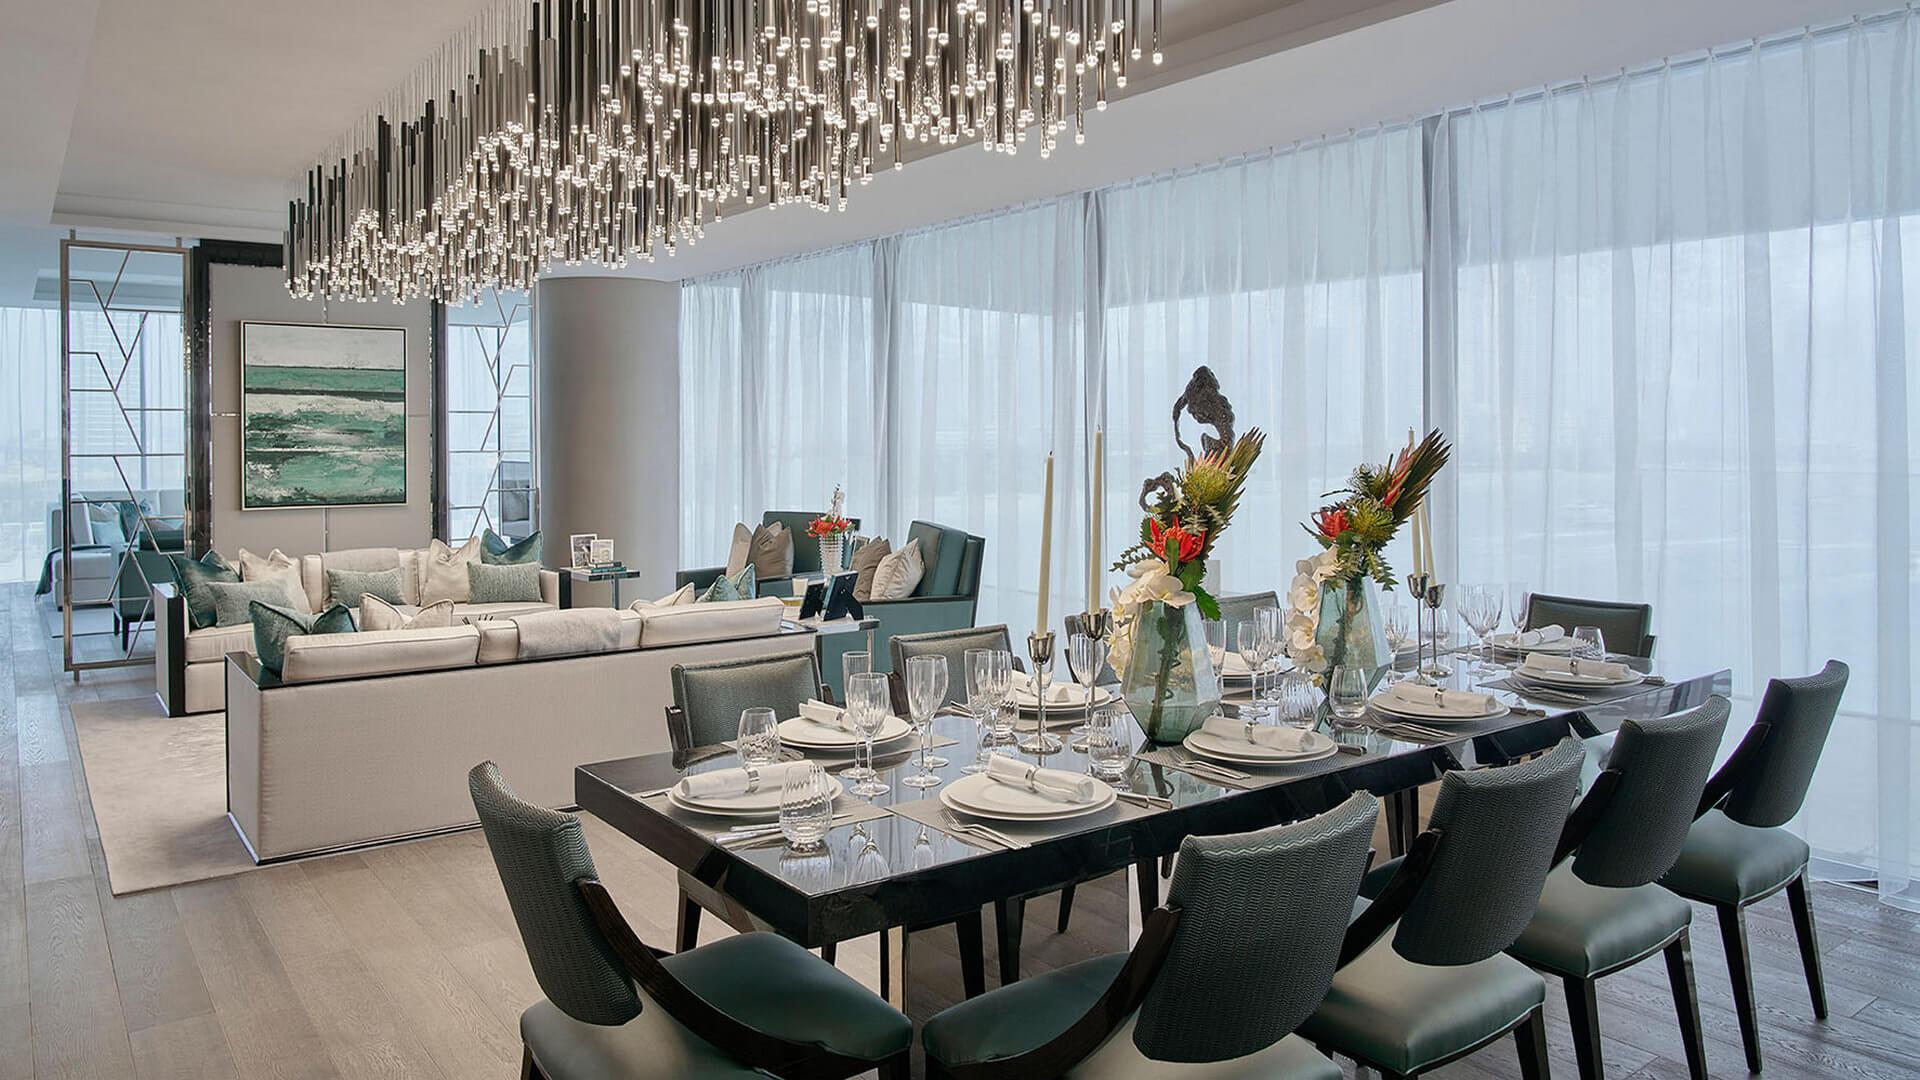 Ático en venta en Dubai, EAU, 5 dormitorios, 1645 m2, № 24060 – foto 8